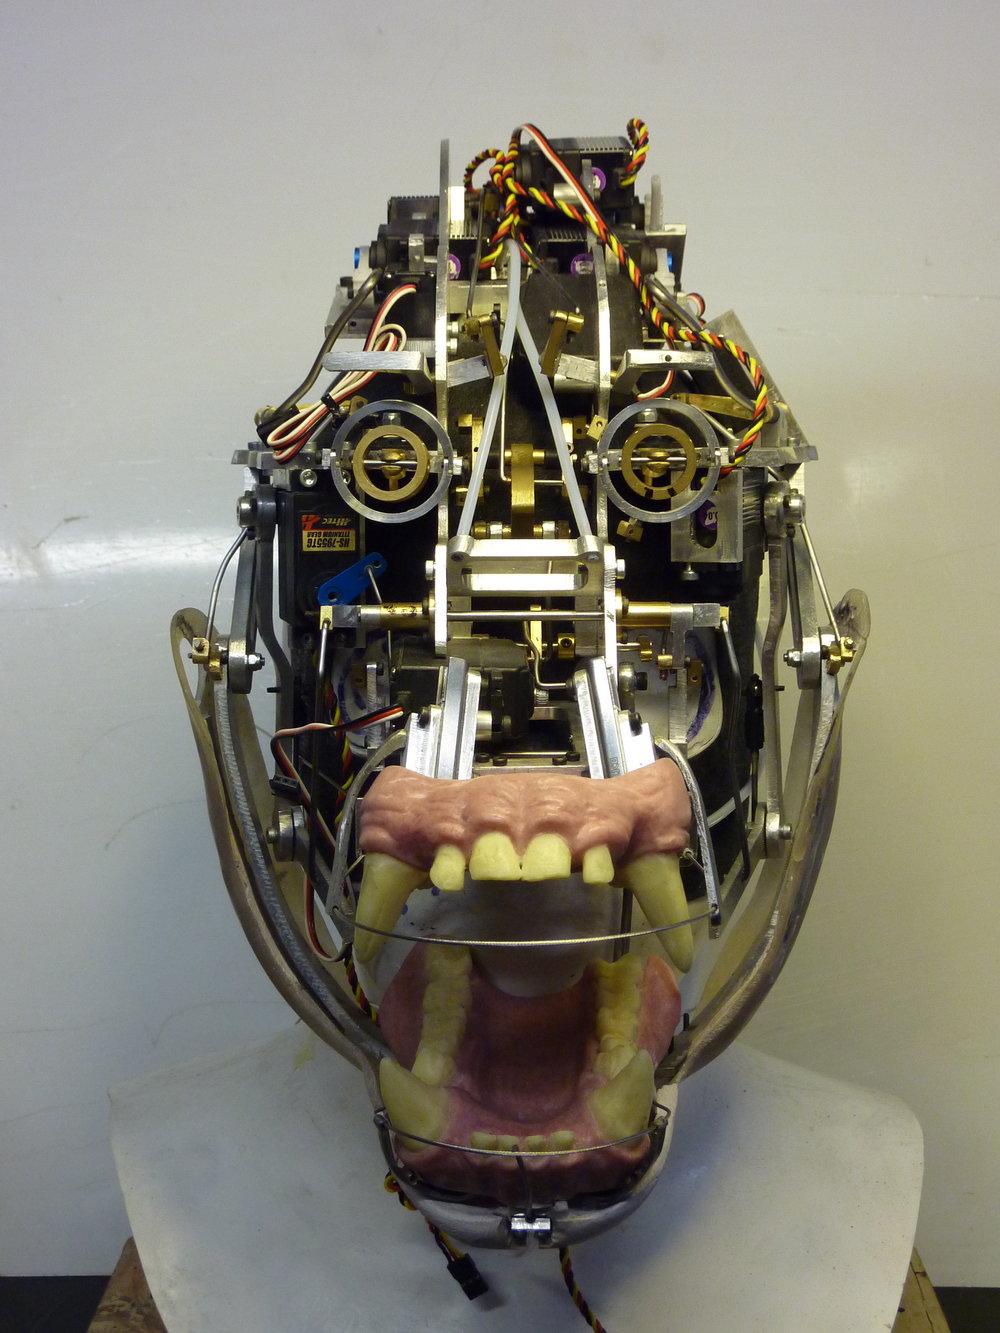 Millennium FX animatronic Gorilla head